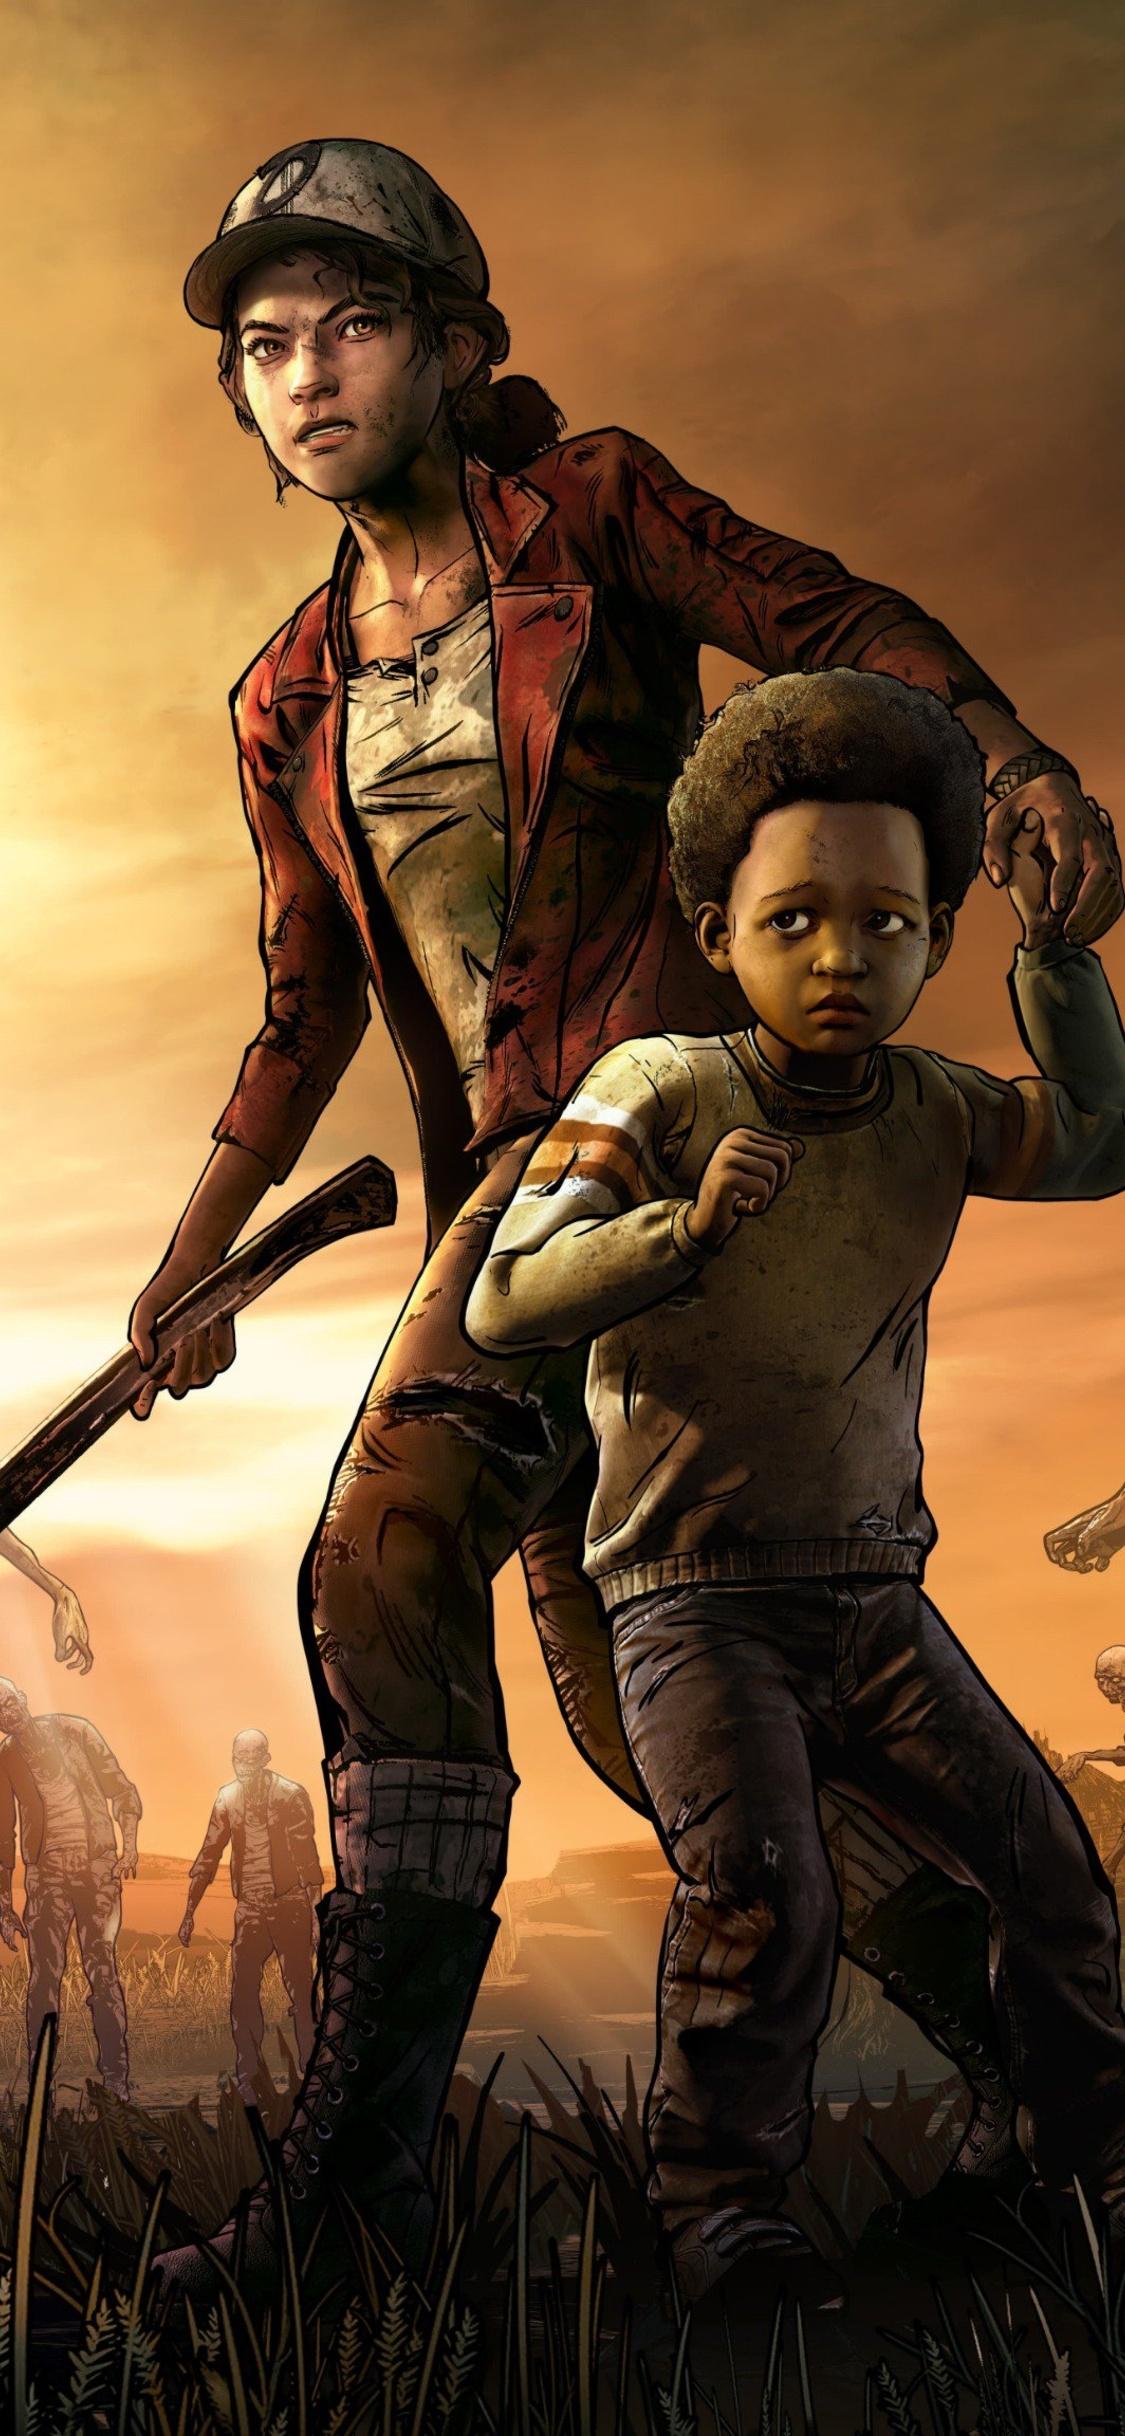 1125×2436 The Walking Dead The Final Season 4k Iphone Xs Iphone 10. The Walking Dead Game Wallpaper Wallpapersafari